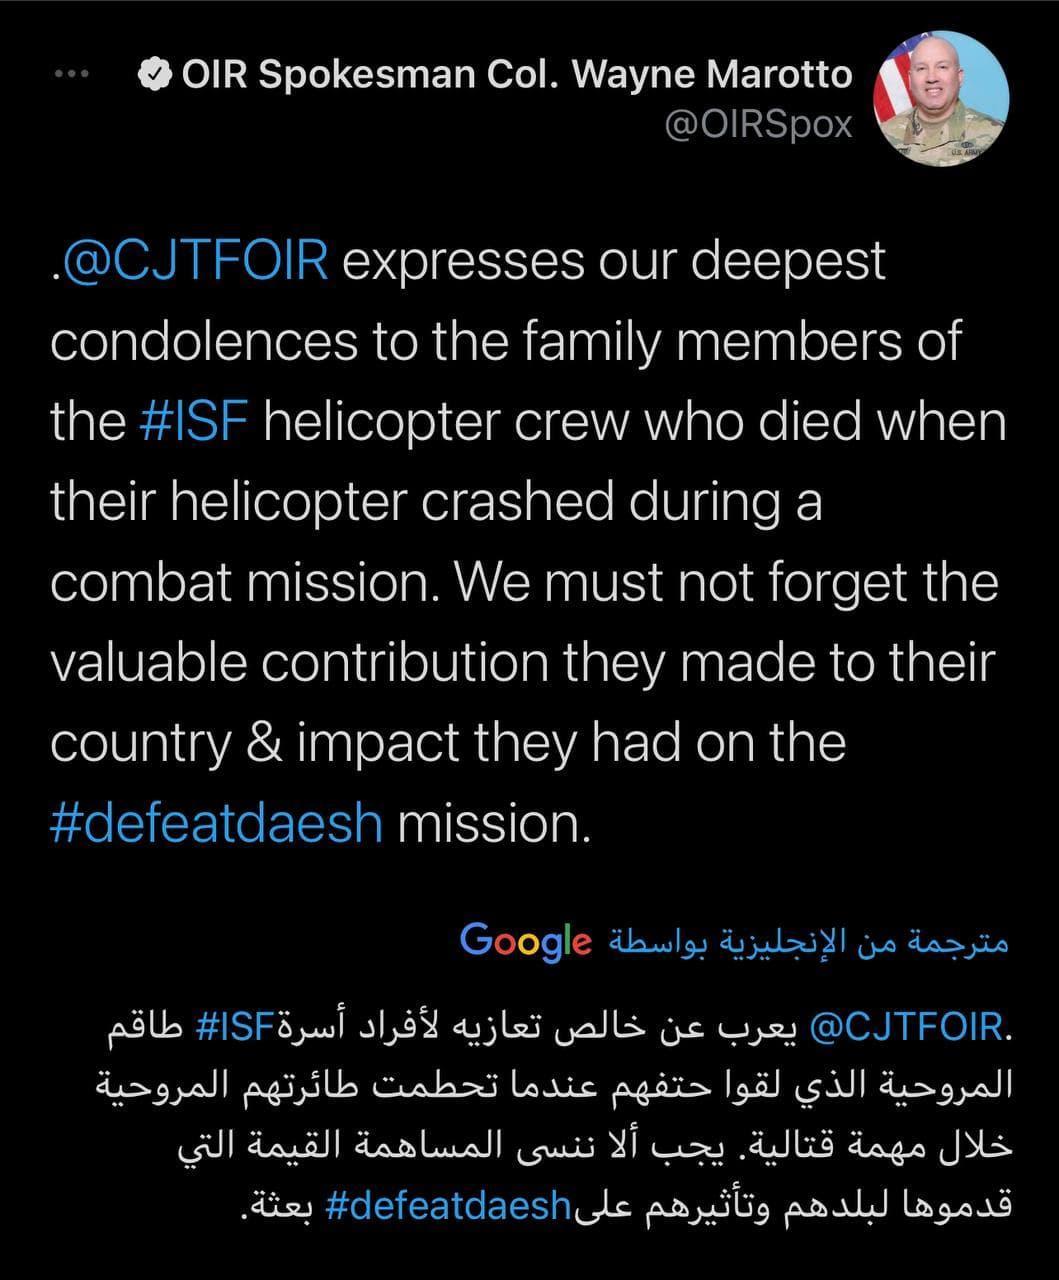 أمريكا تعلق !داعش الارهابي يسقط هليكوبتر عراقية نوع مي 17 فوق طوزخرماتو ومقتل 5 من طاقمها دربهم الامريكان